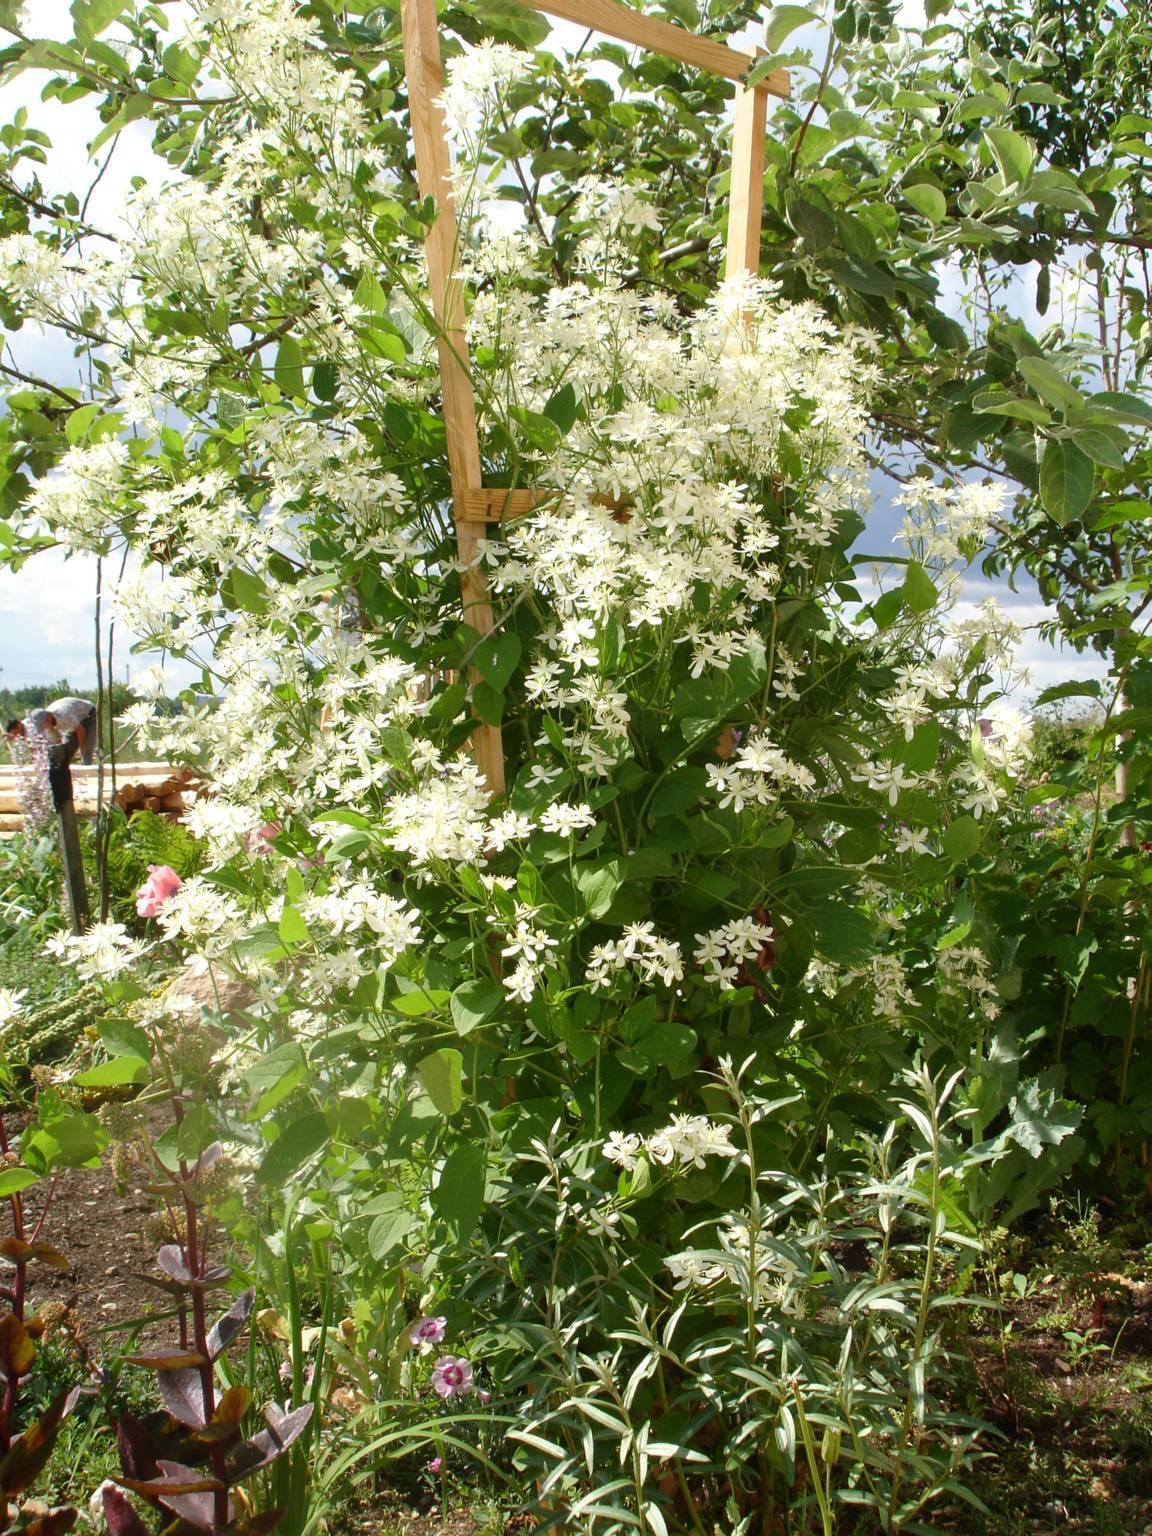 Особенности выращивания клематисов в сибири: посадка и уход, фото сортов